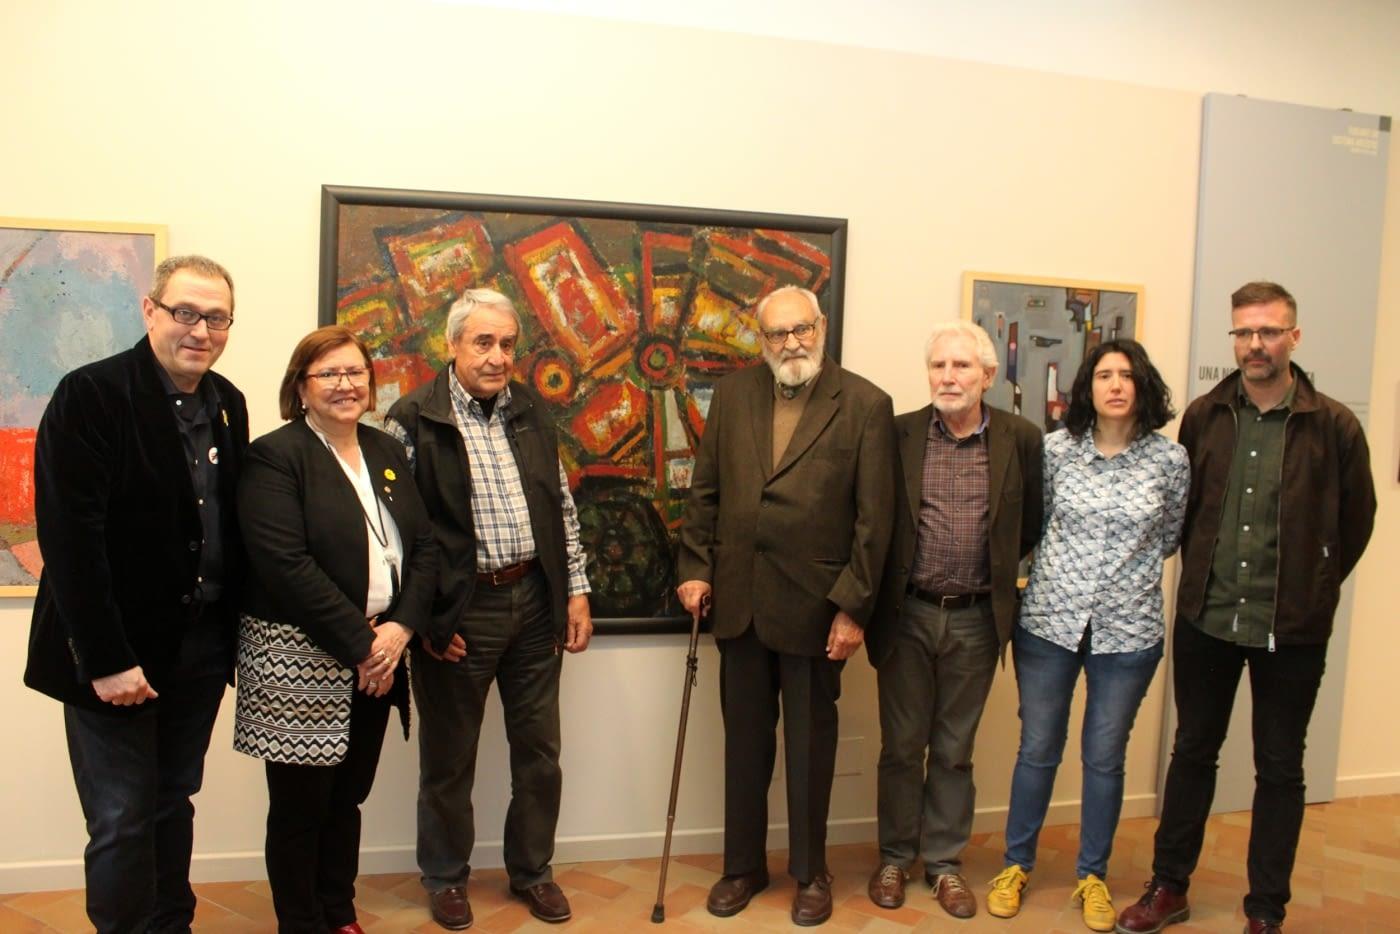 El Museu Comarcal  obre una sala permanent amb obres de 24 artistes destacats de la ciutat d'entre els anys 1875 i 1965